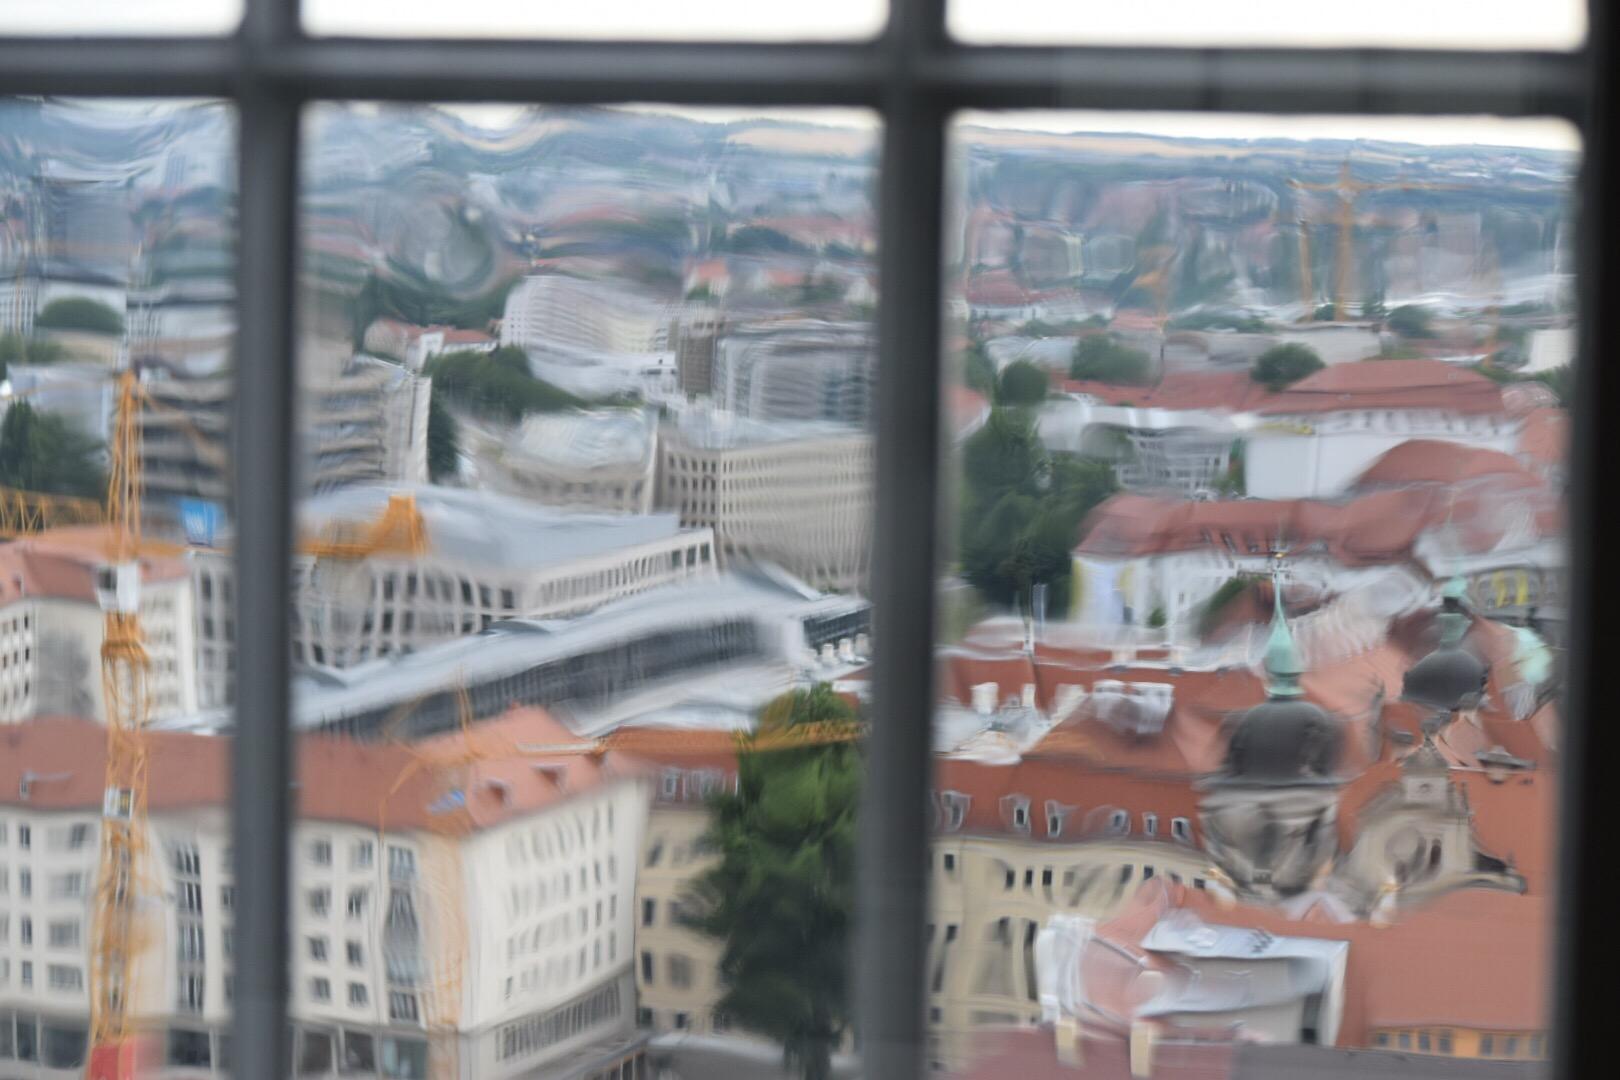 Dresden though glass